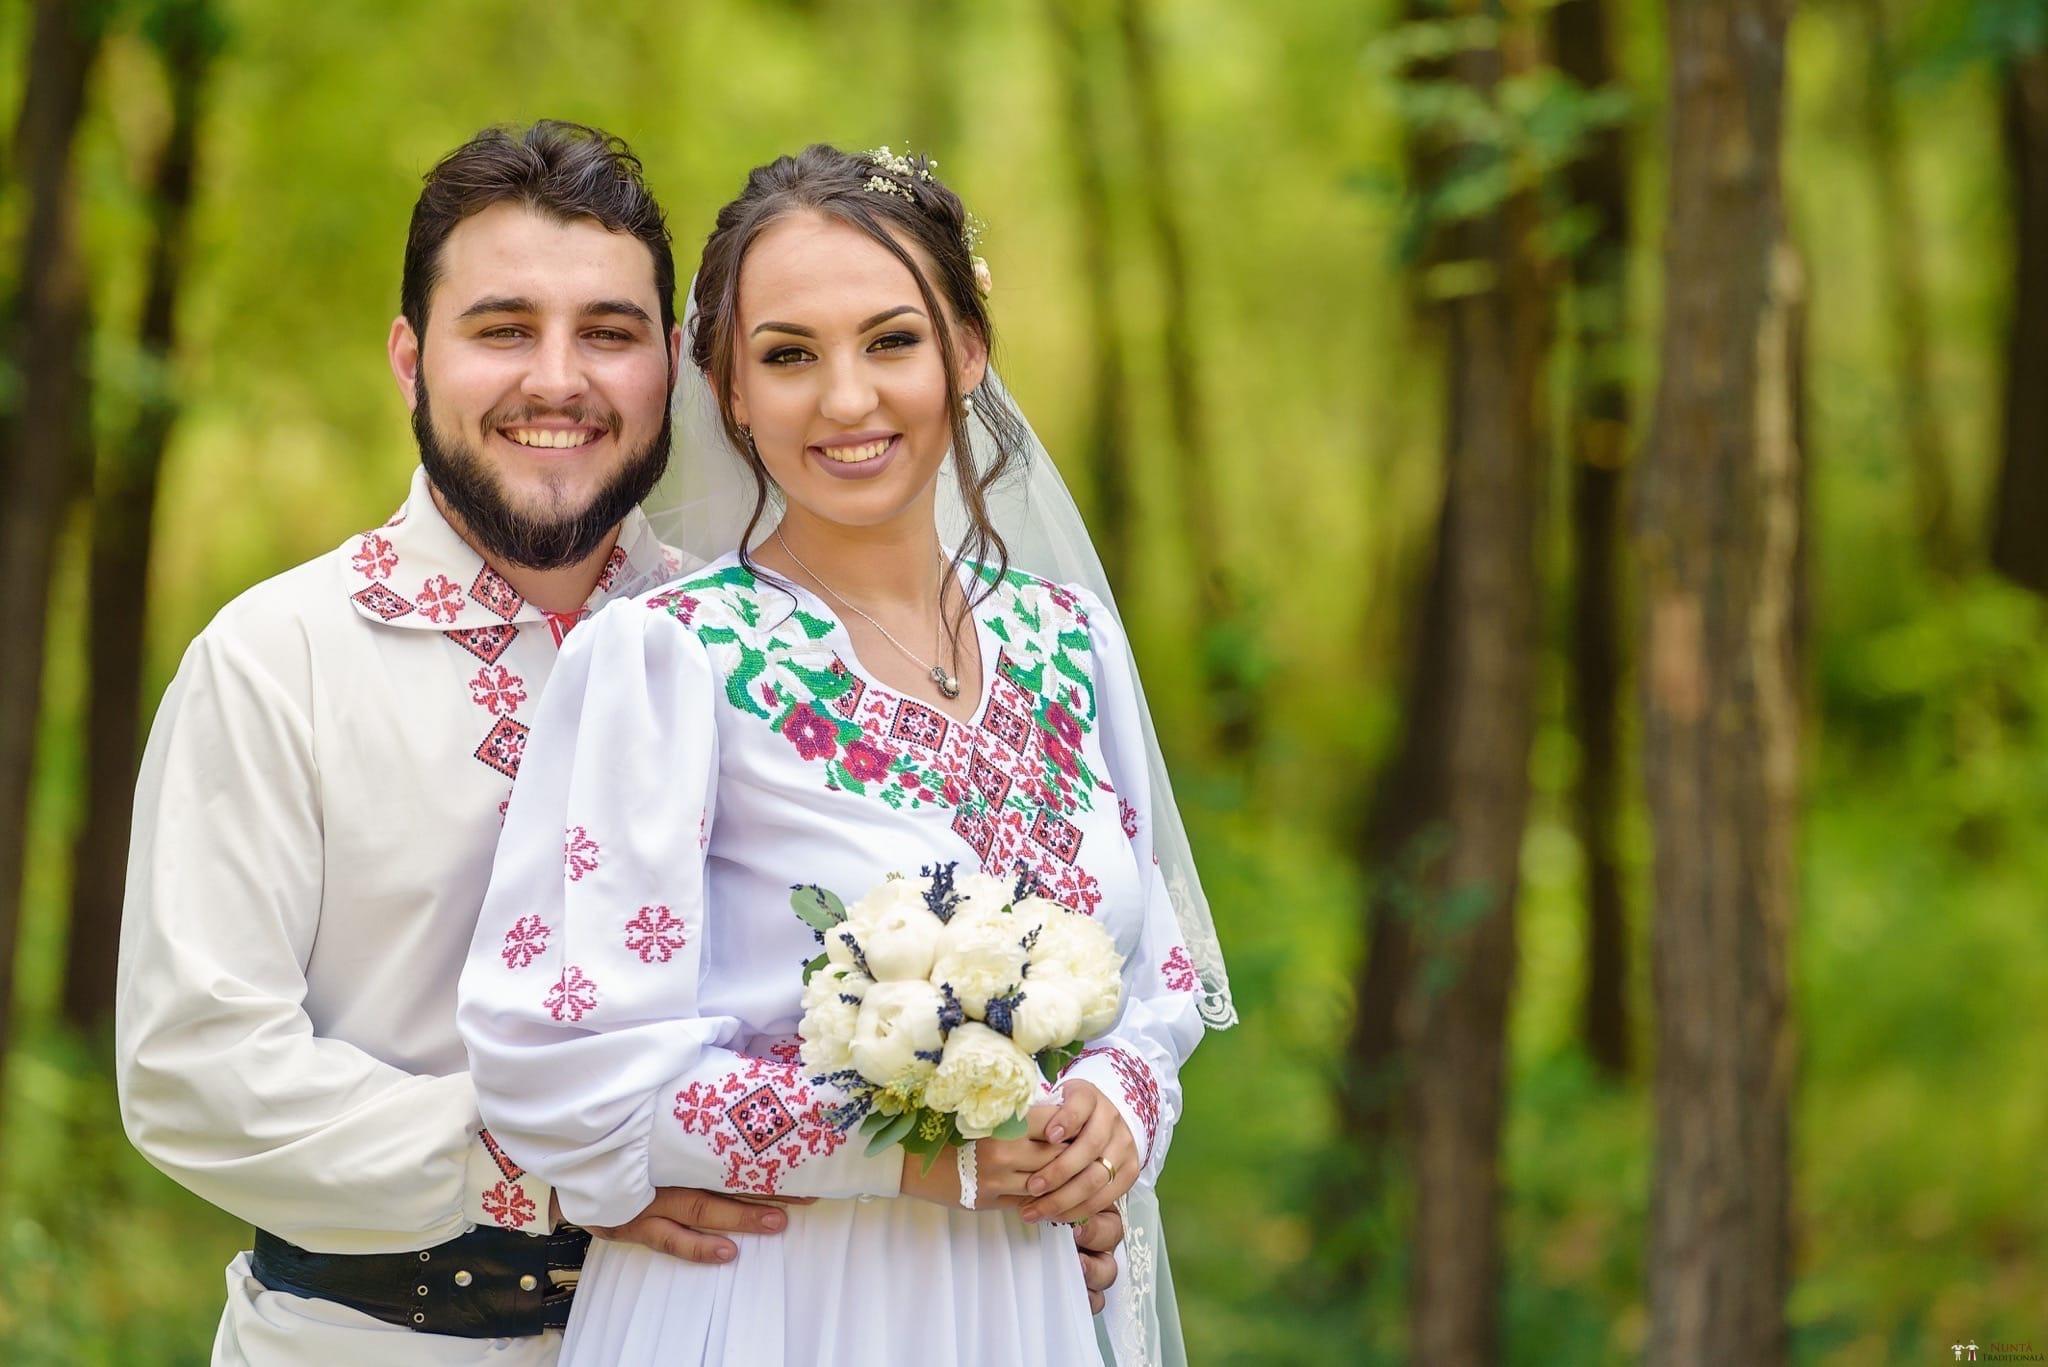 Povești Nunți Tradiționale - Daniela și Cristian, nuntă tradițională în Slobozia, Giurgiu 5